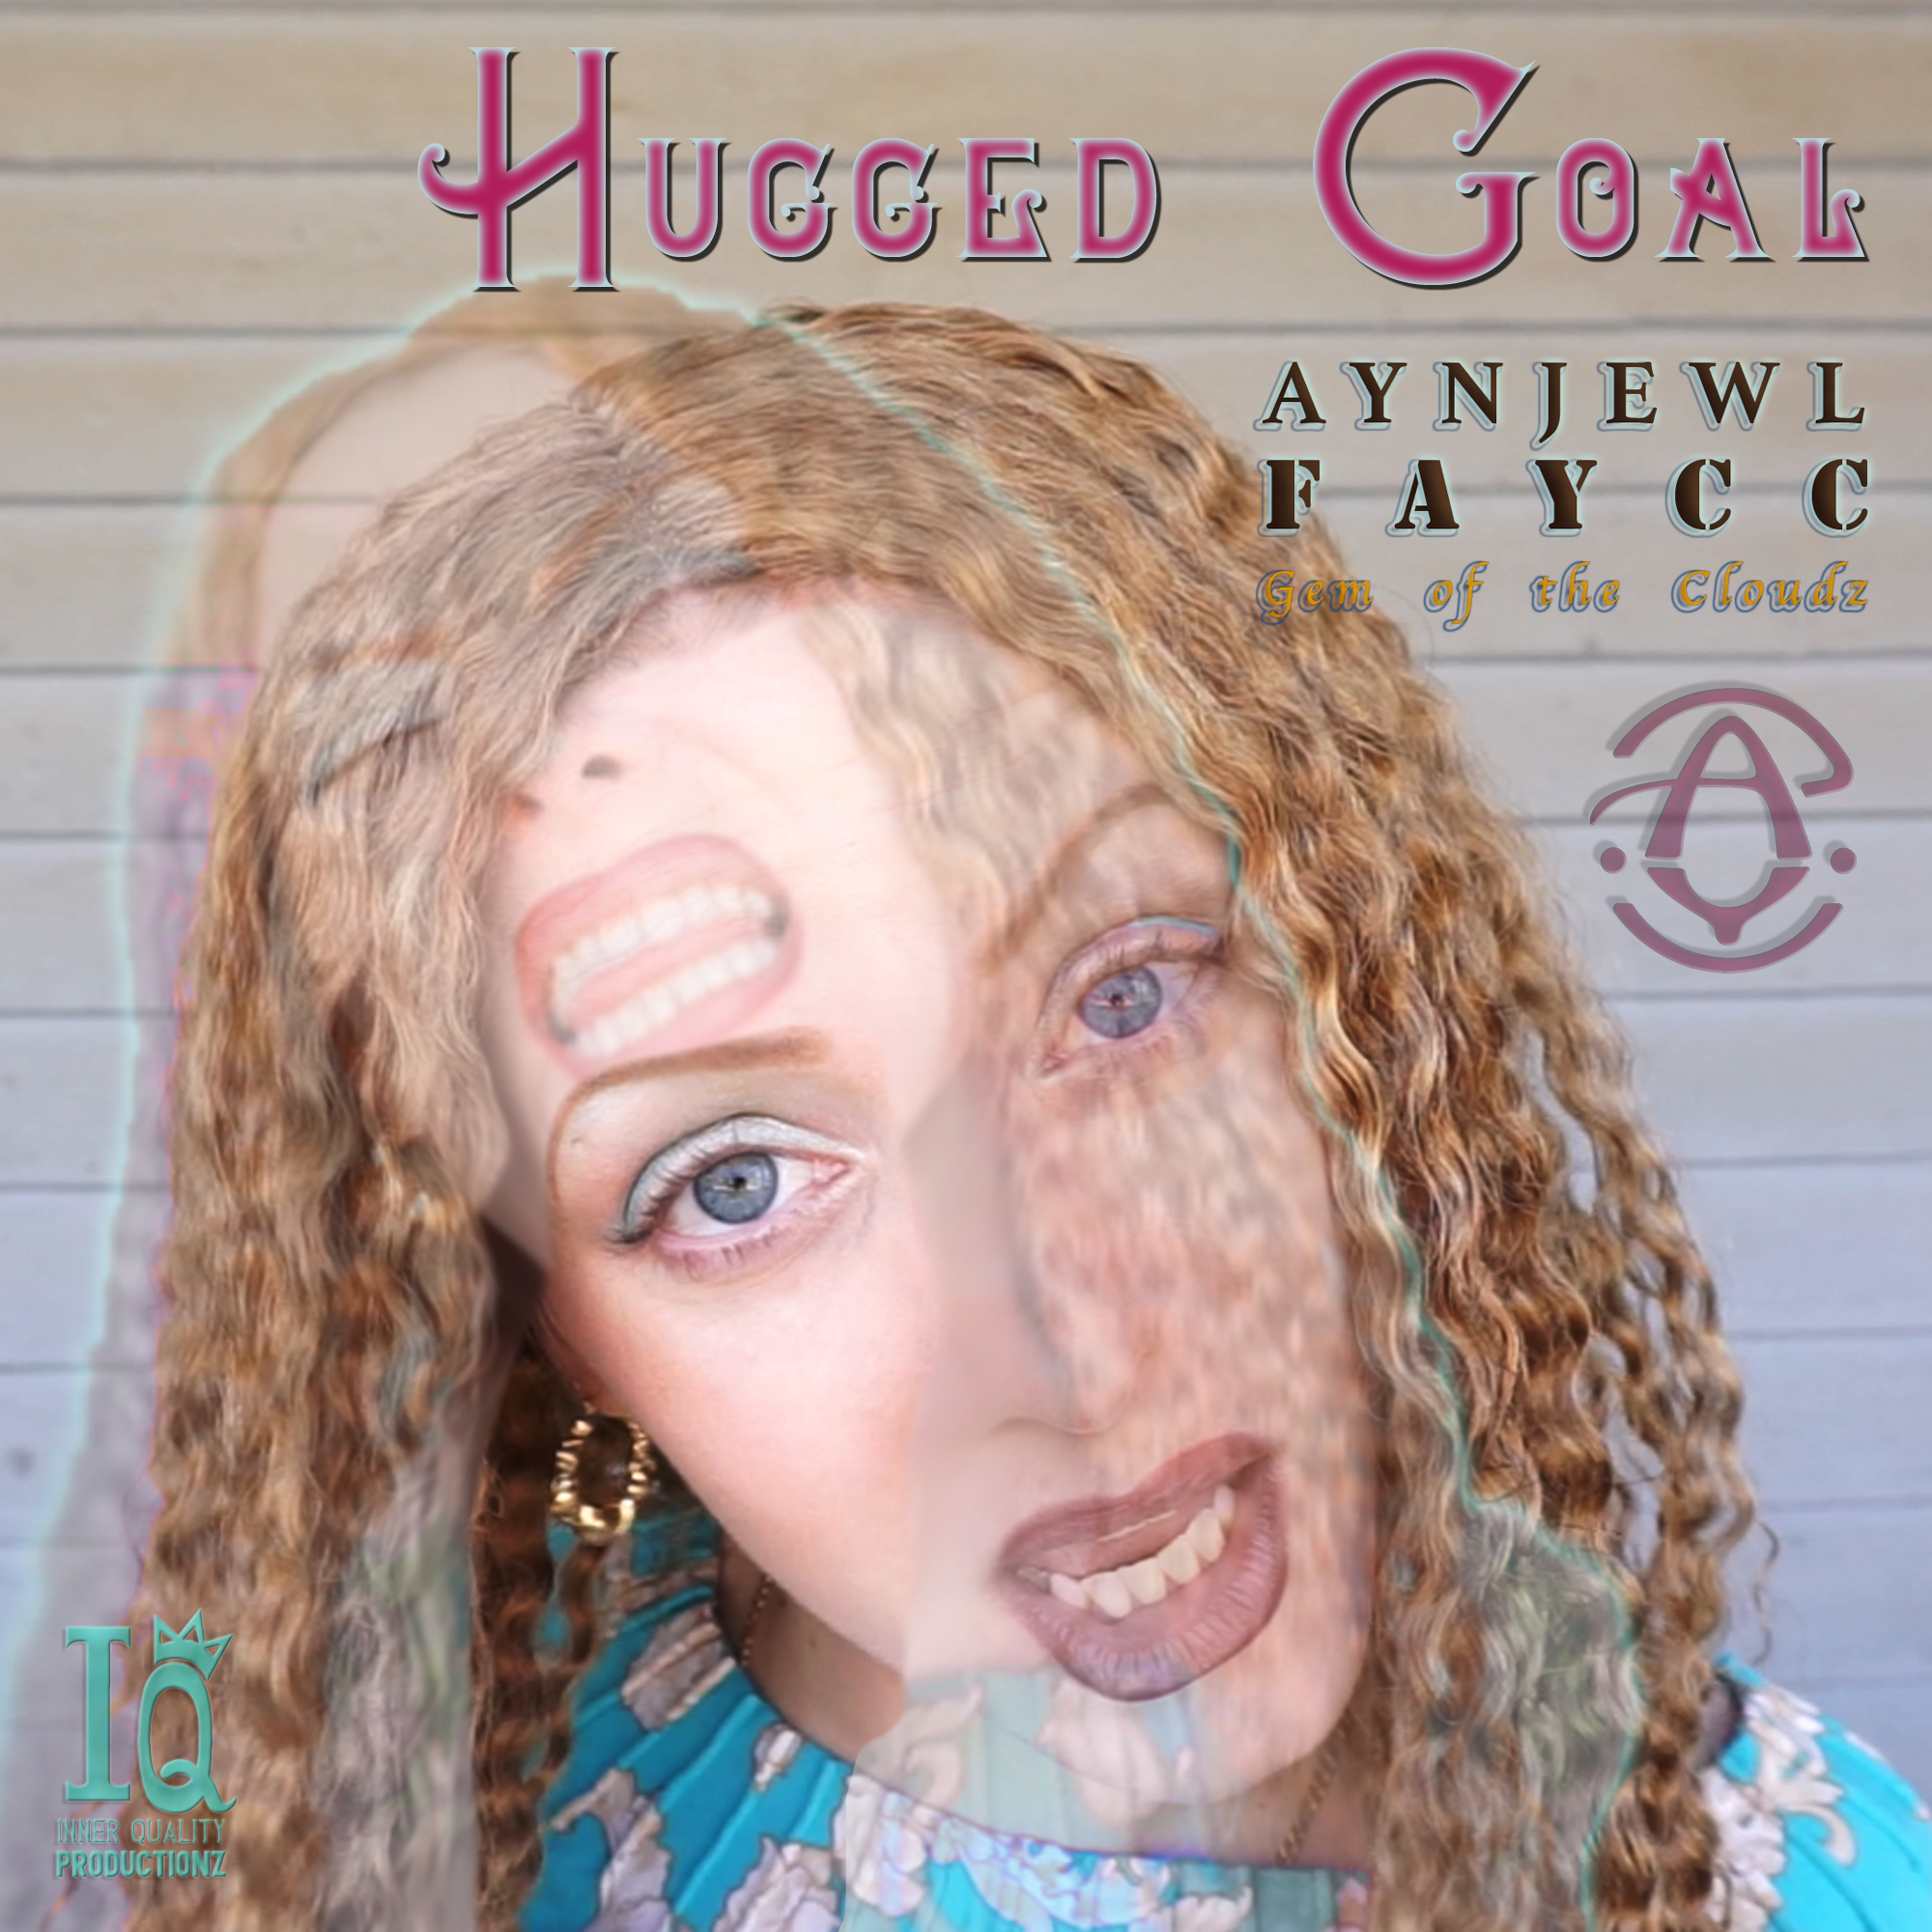 Hugged Goal